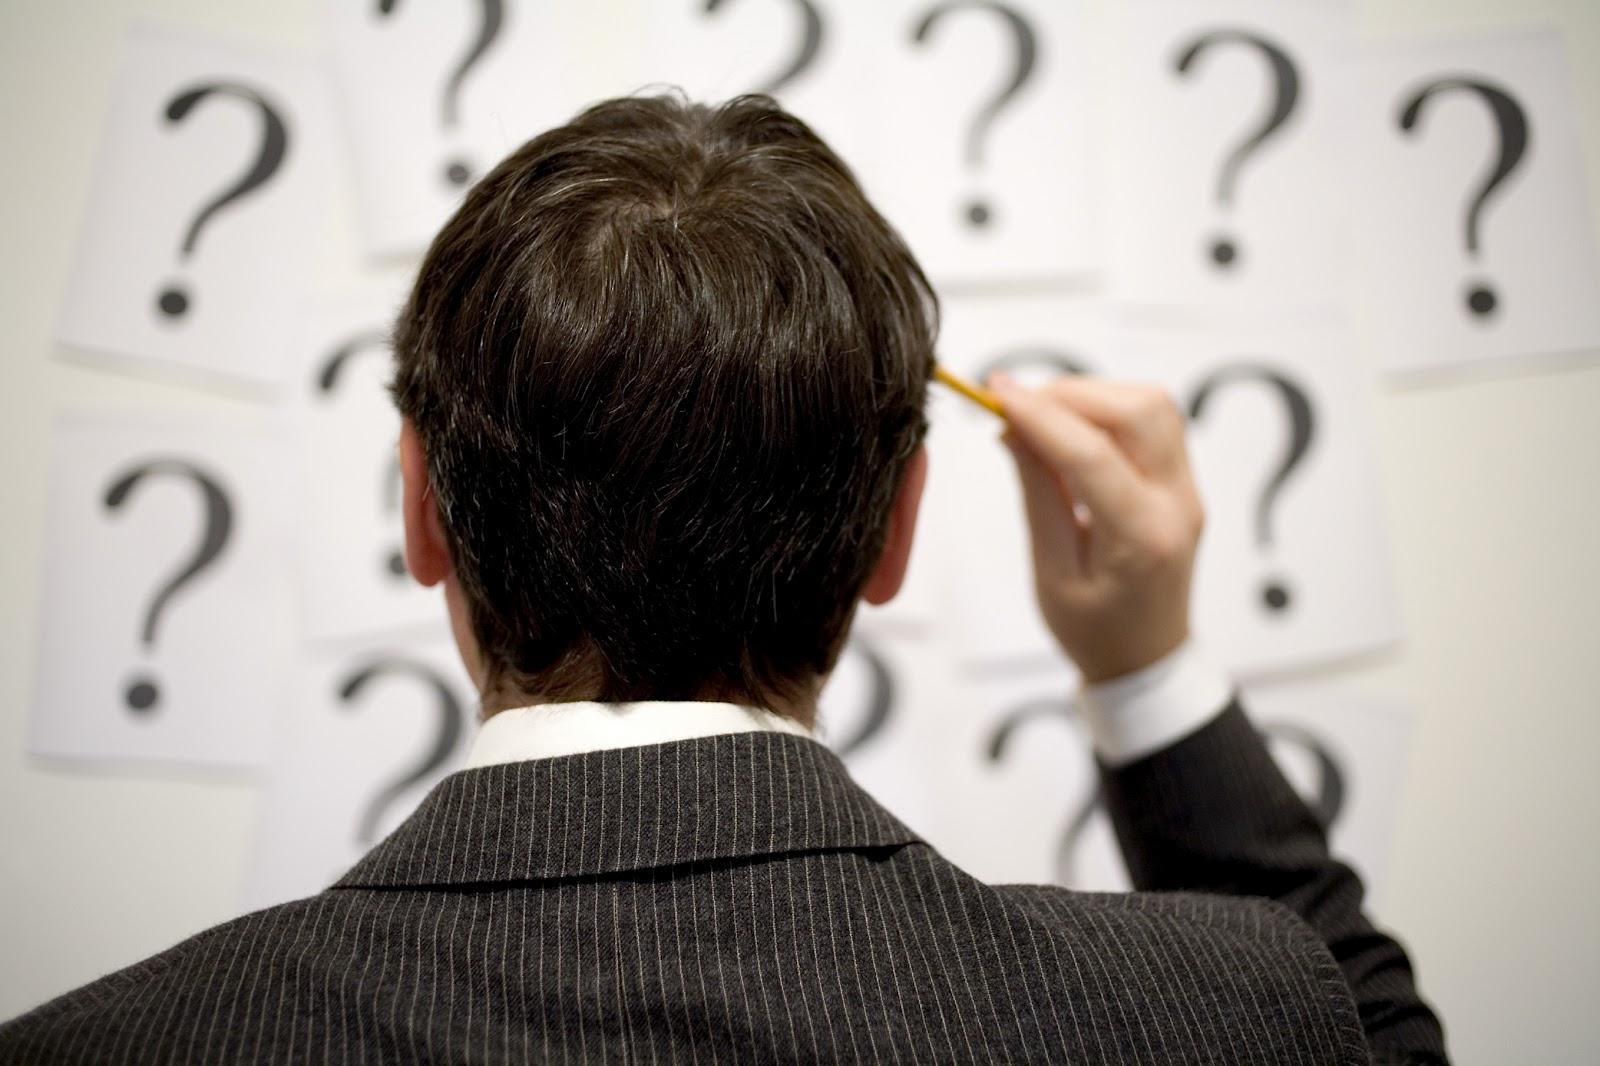 Negocios en linea e incertidumbre en los negocios